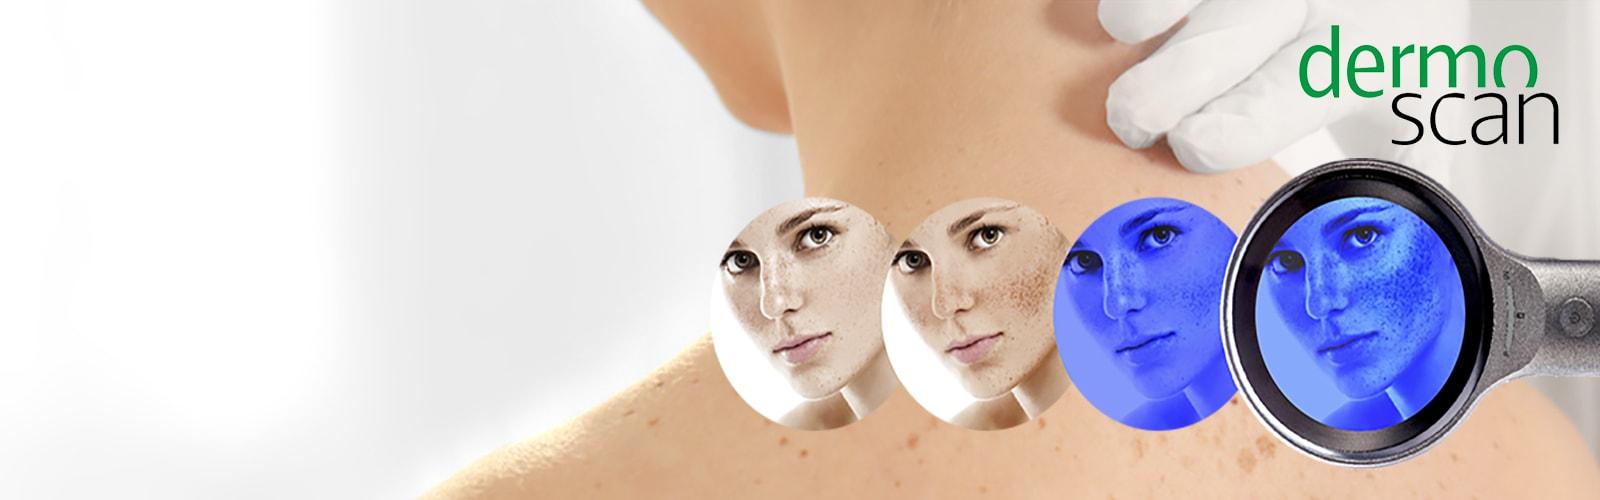 dermoscan Skin Magnifier